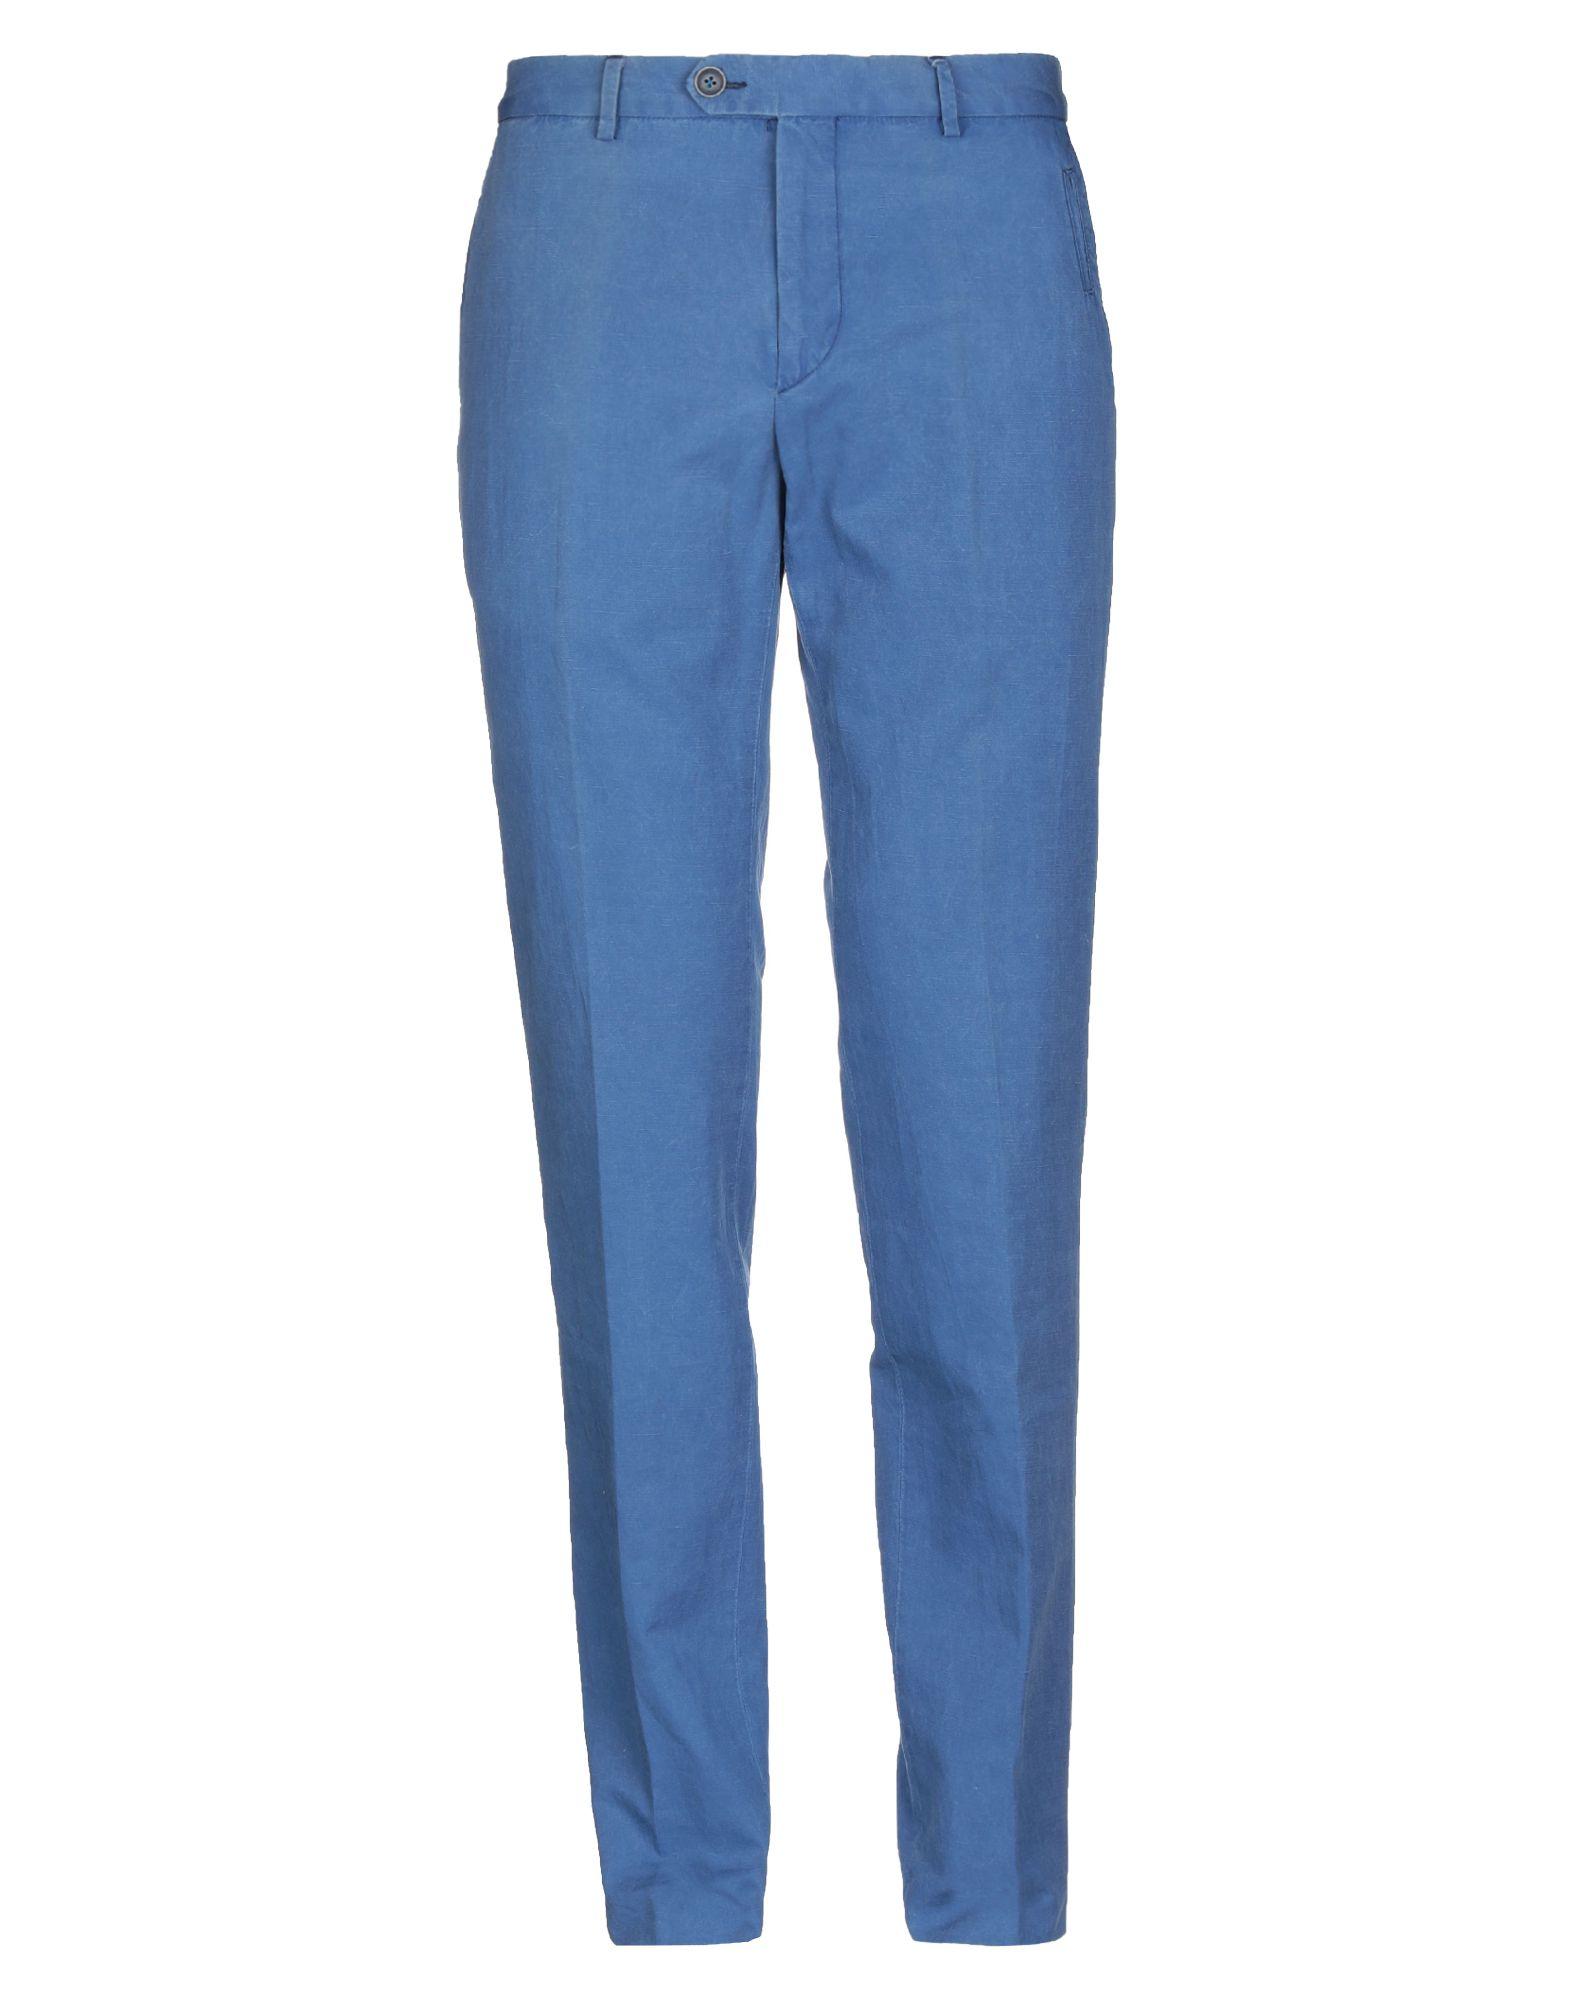 《セール開催中》BERRY & BRIAN メンズ パンツ パステルブルー 32 コットン 78% / リネン 22%